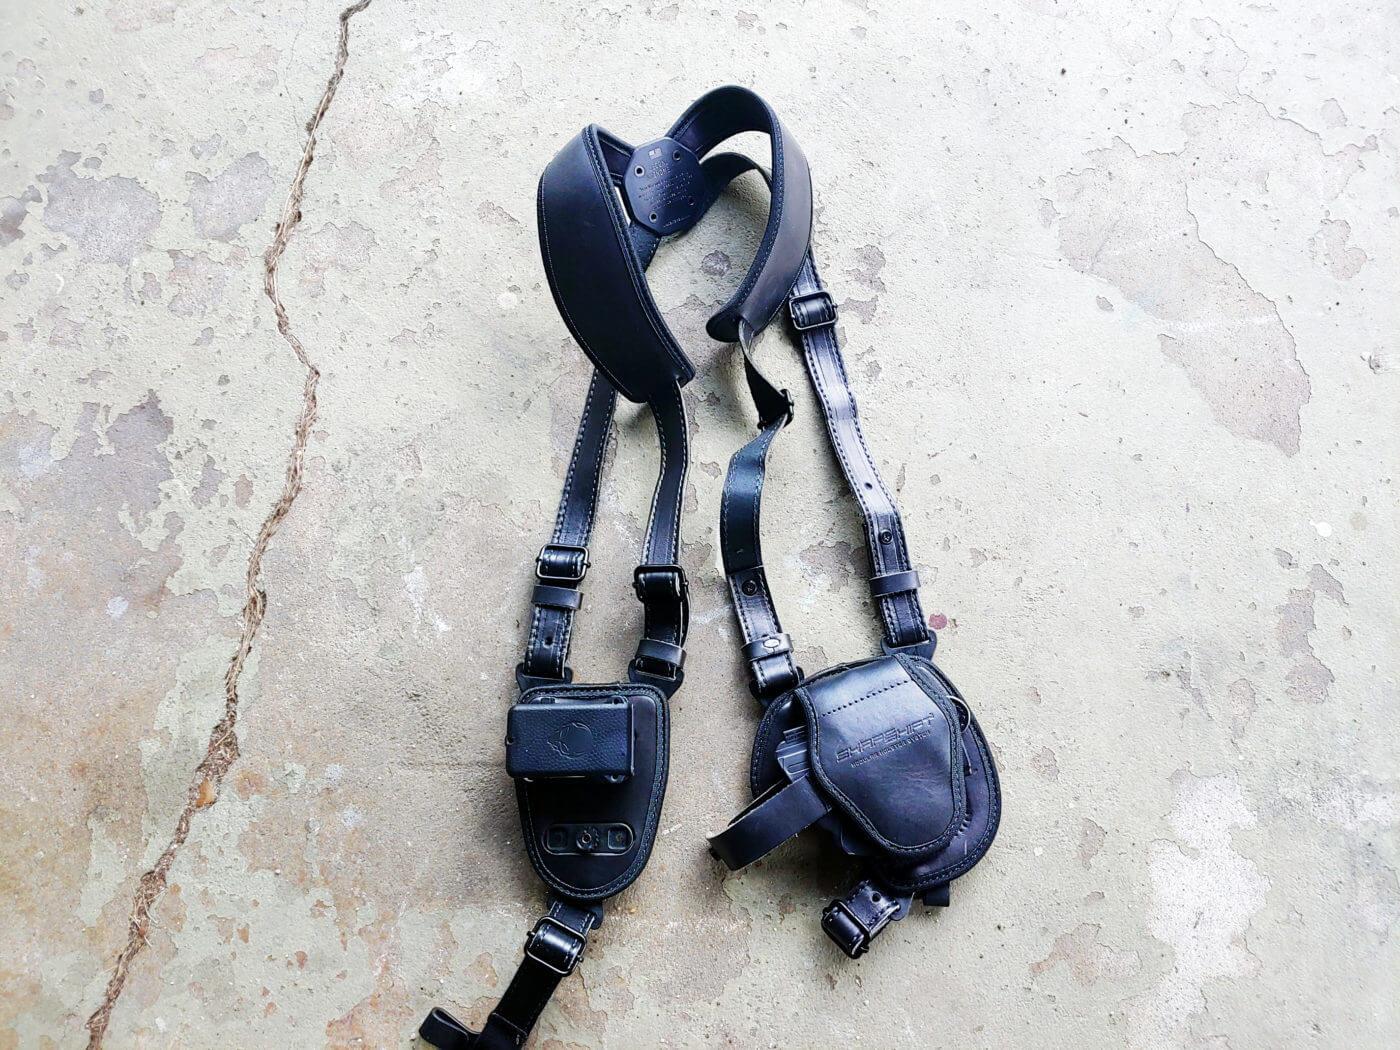 Alien Gear Cloak shoulder holster for the Hellcat CCW handgun